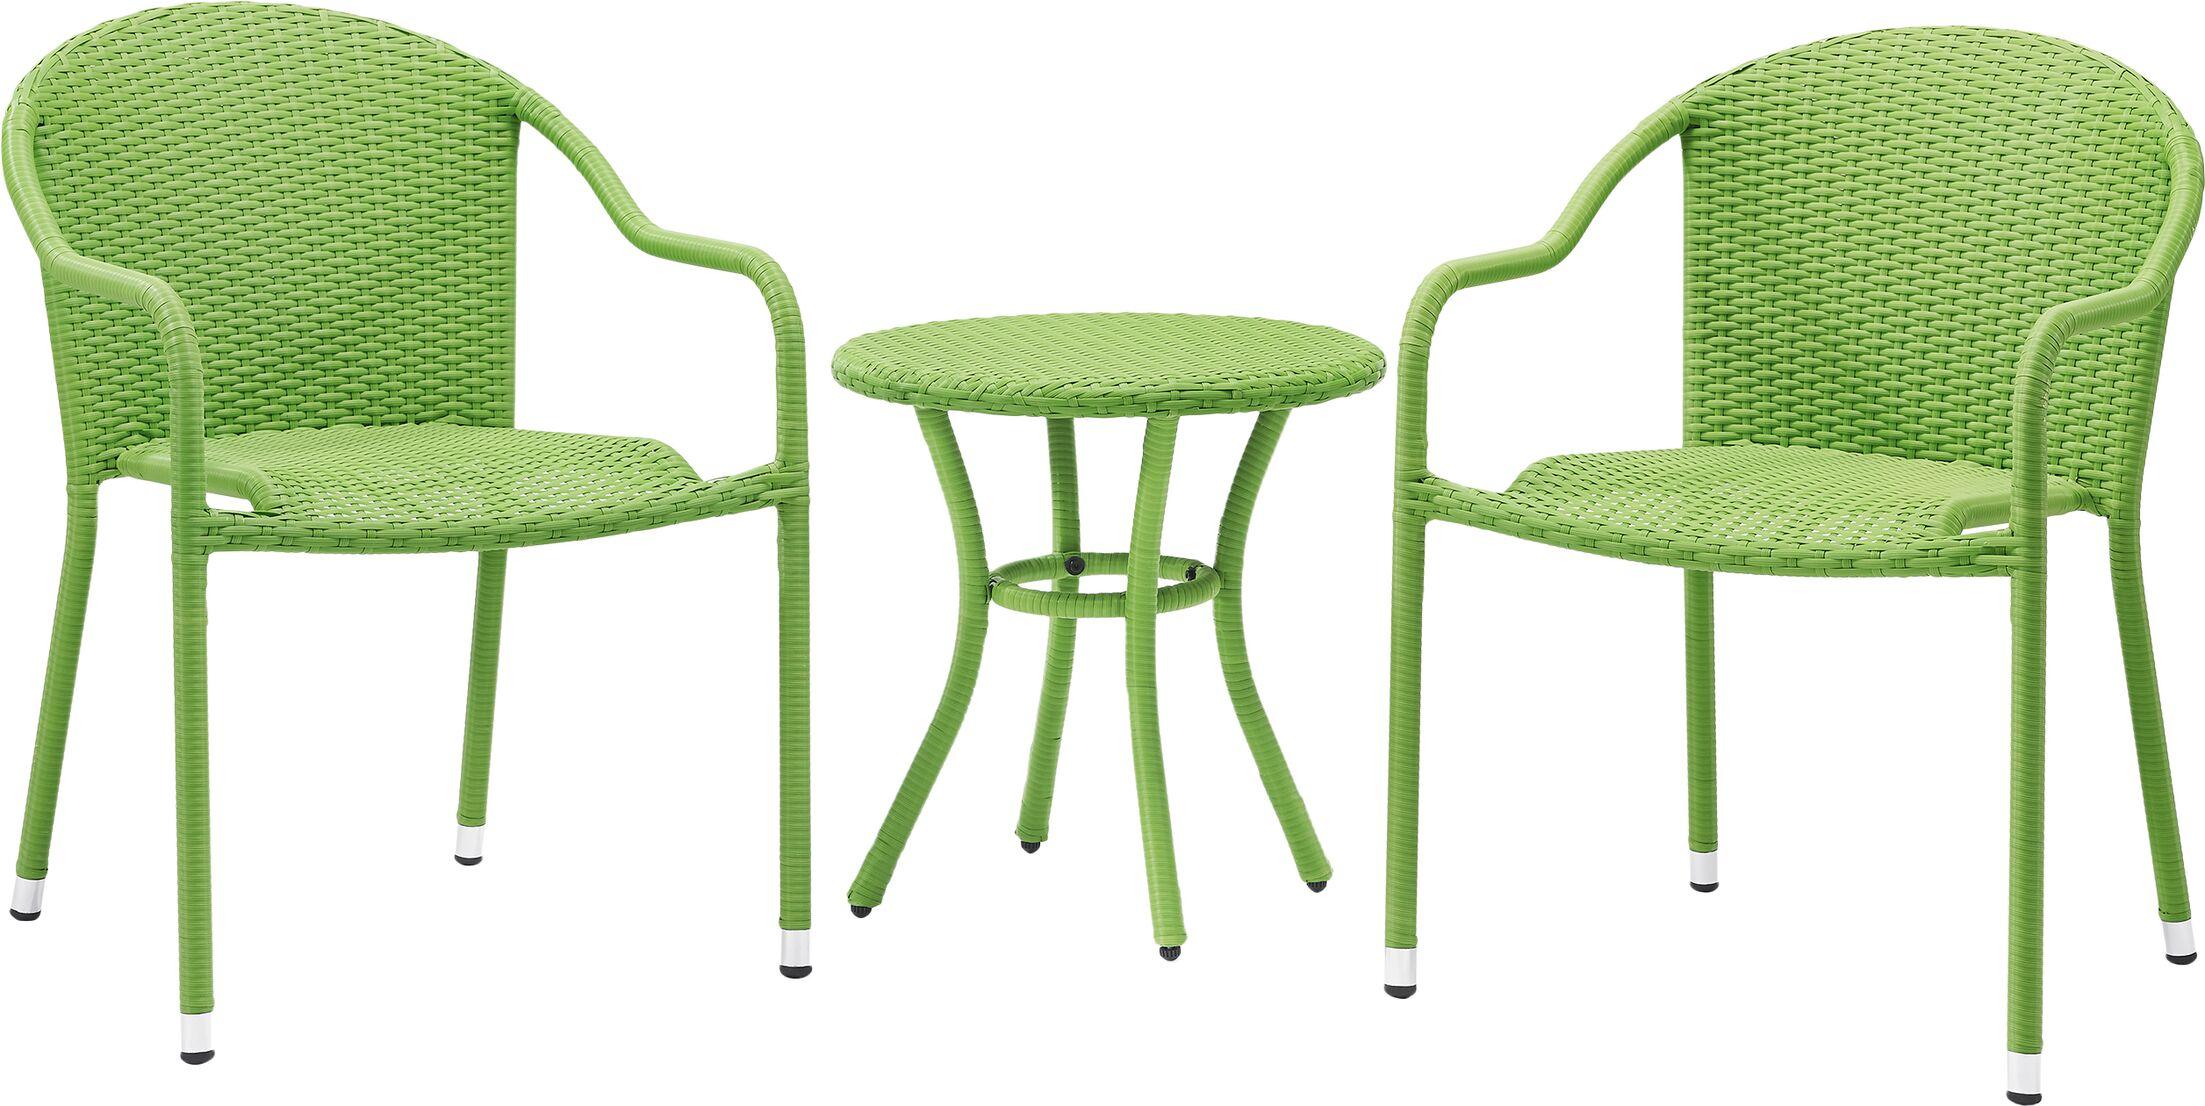 Belton 3 Piece Conversation Set Color: Green